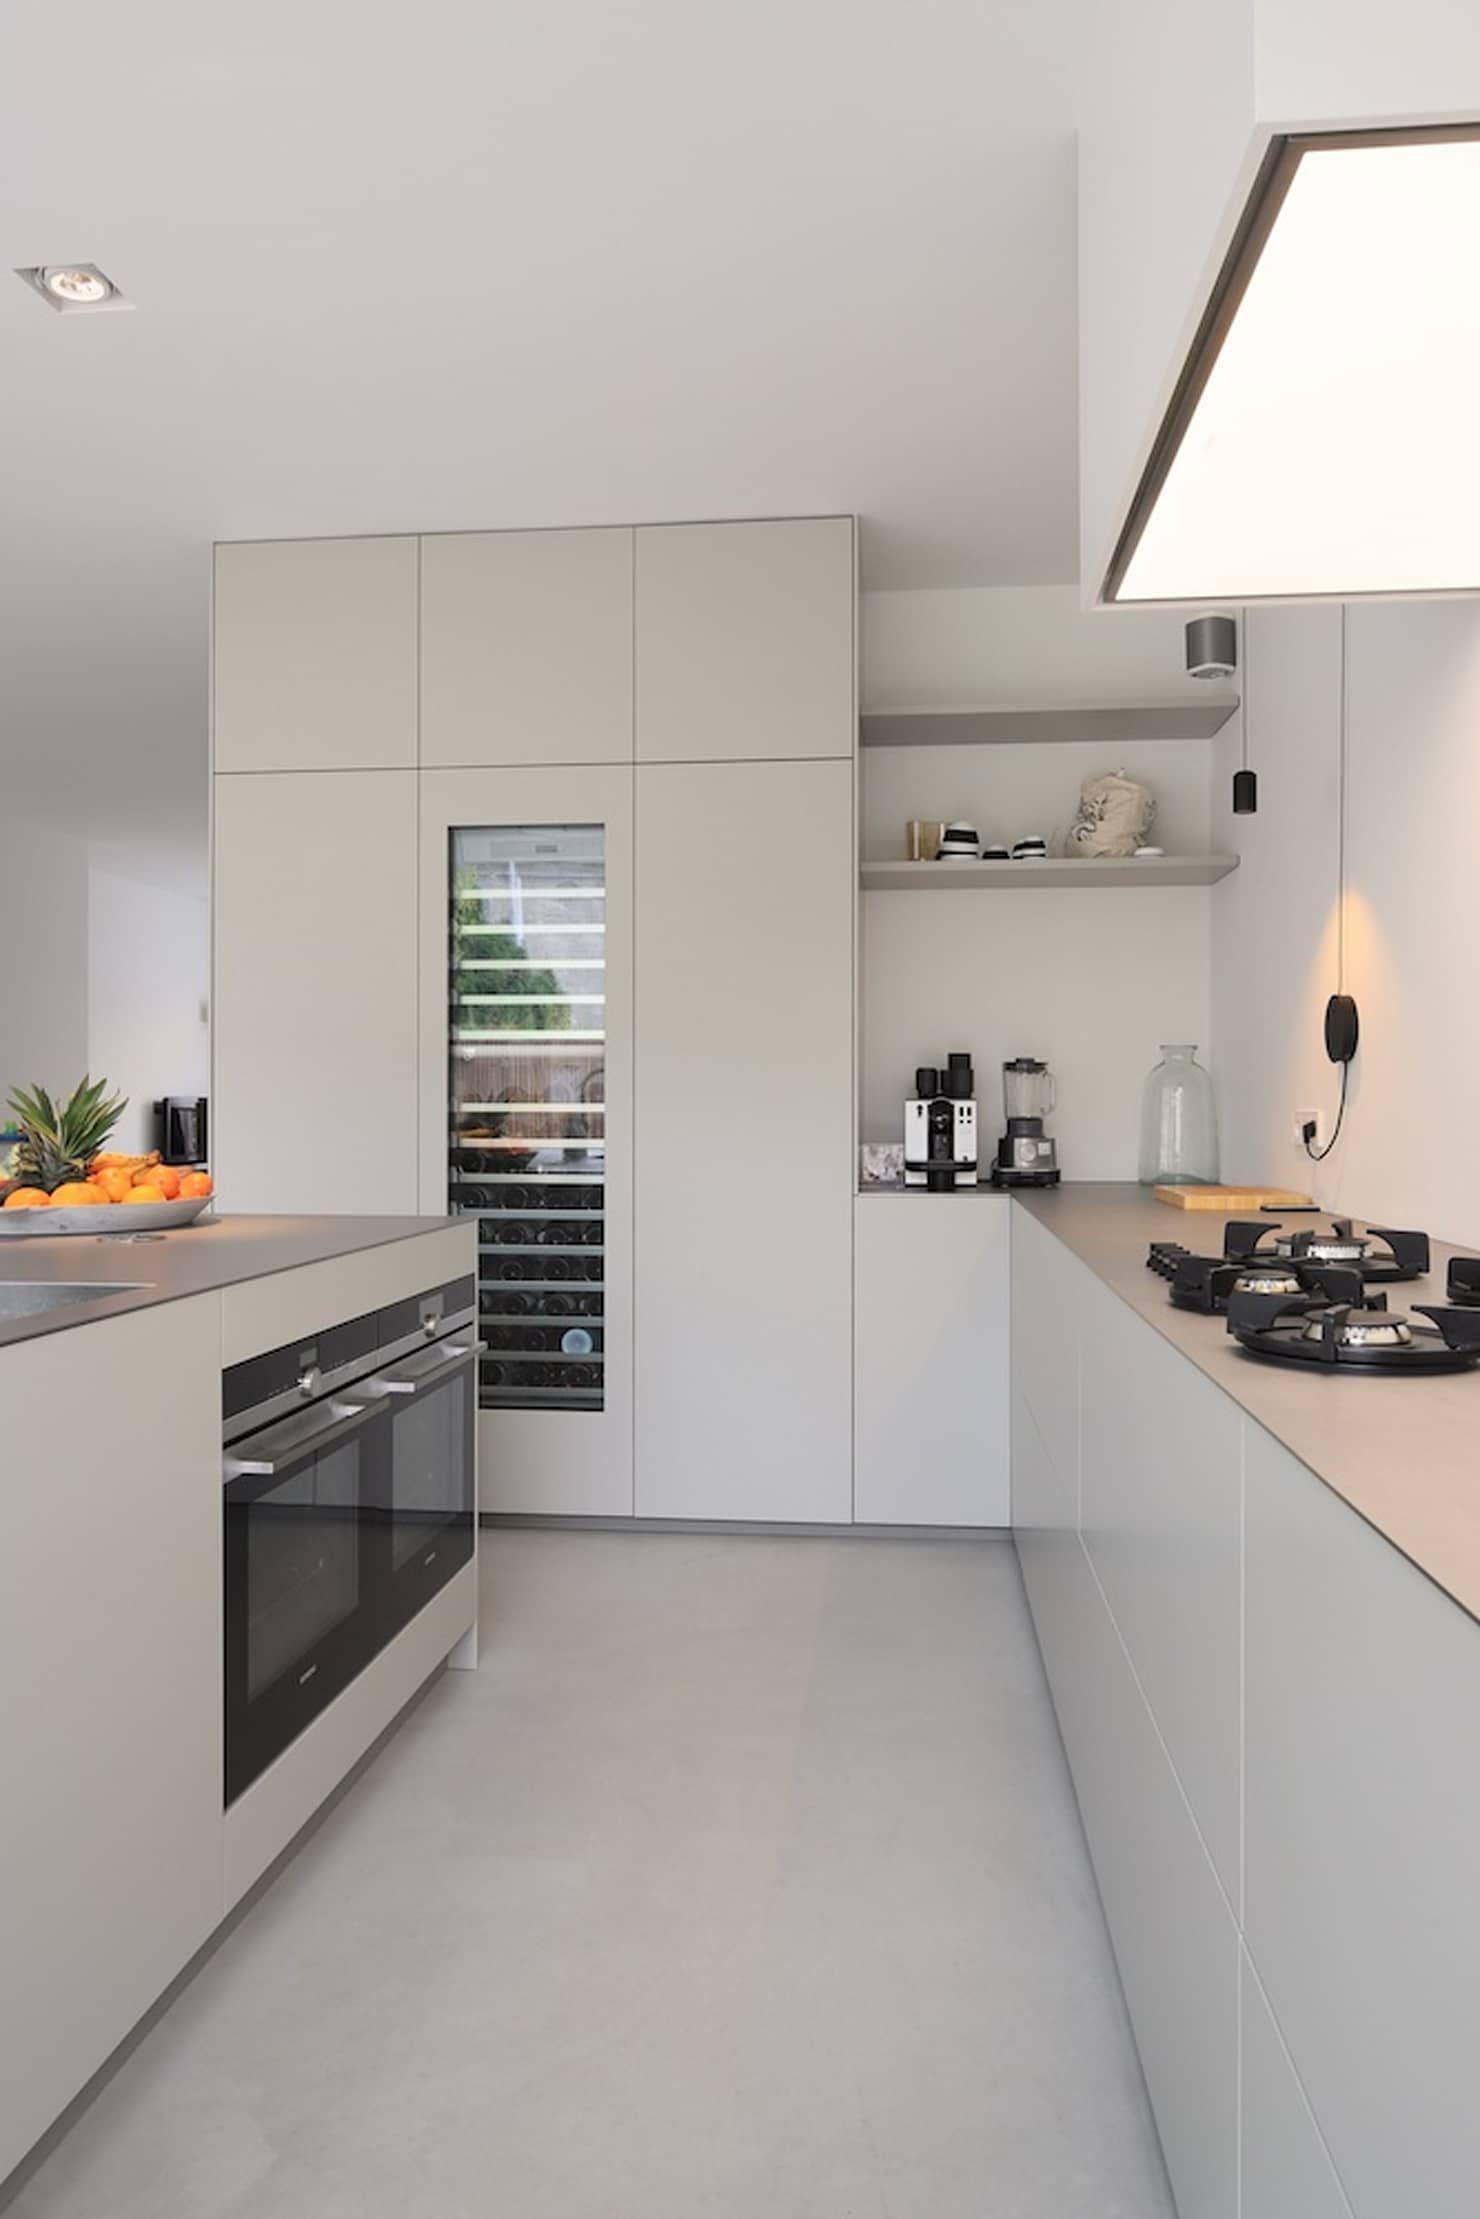 Küche k design moderne küche von koen timmer  küchen ideen  pinterest  kitchen